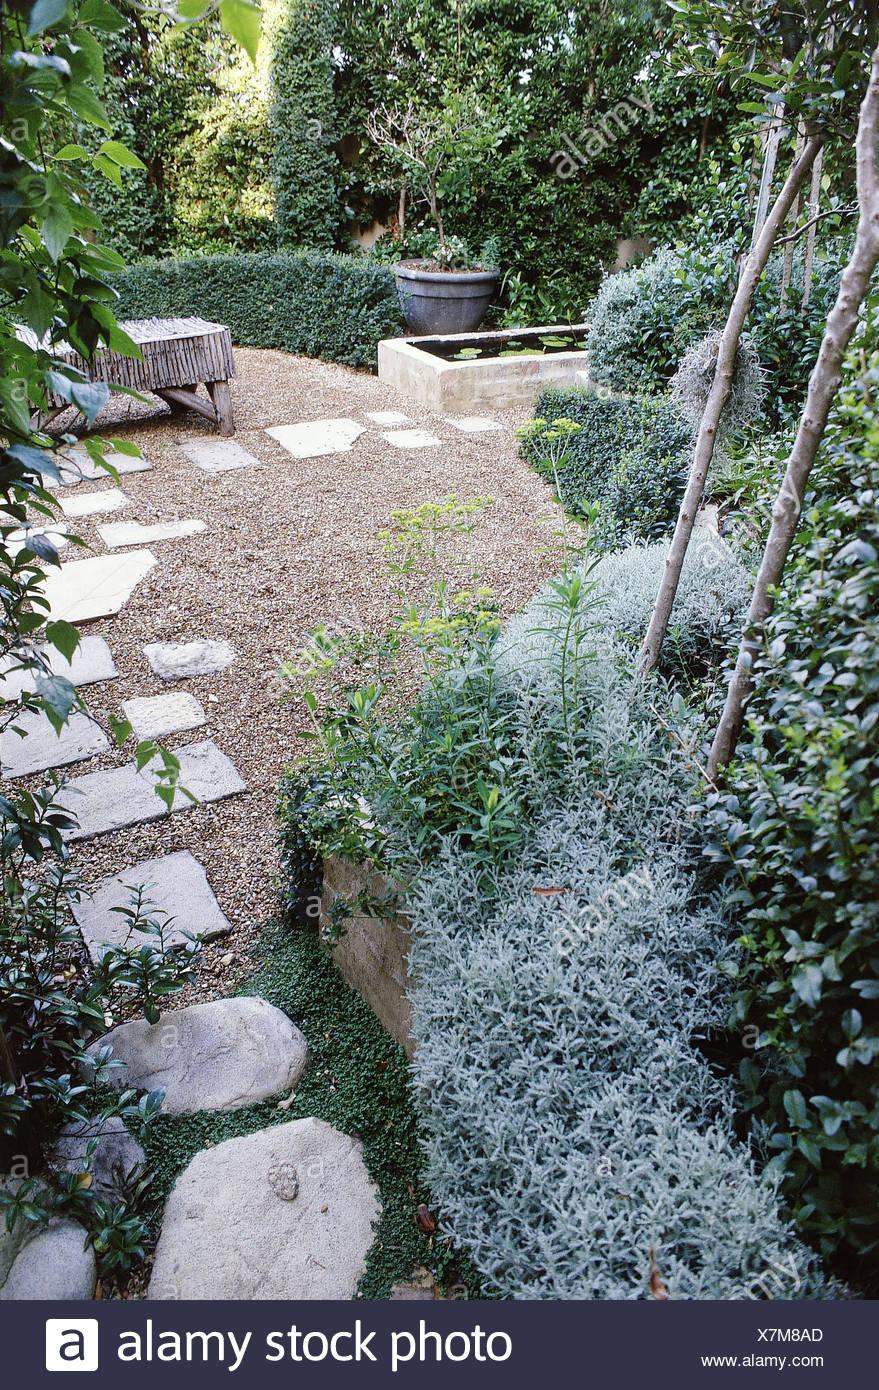 Piccoli giardini giardino siepi sagomate piccoli alberi for Immagini di giardini piccoli